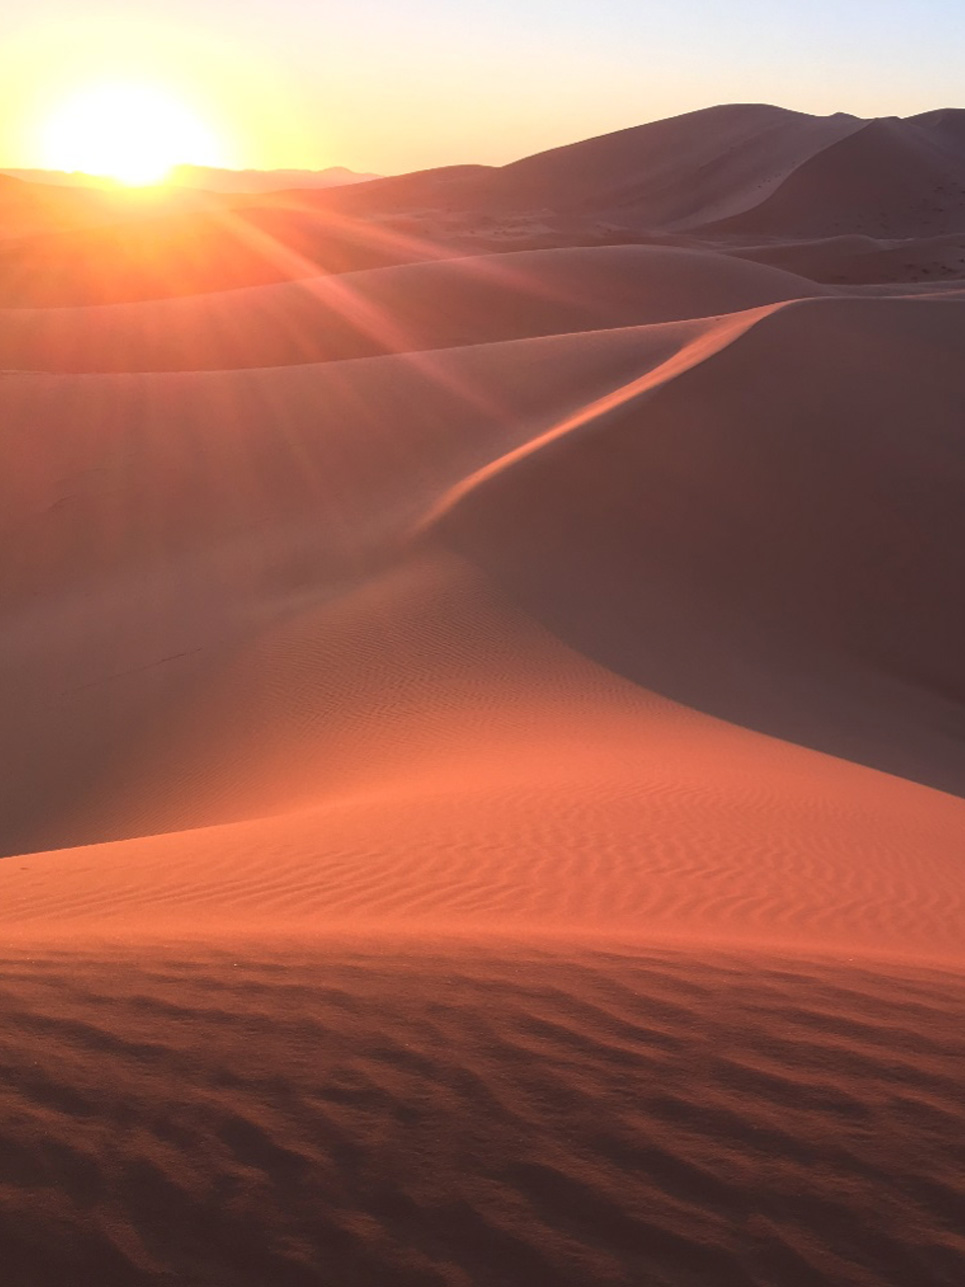 Schnappschuss des Tages: Während der Quad-Tour durch die Sahara durfte ich diesen Sonnenuntergang bestaunen.